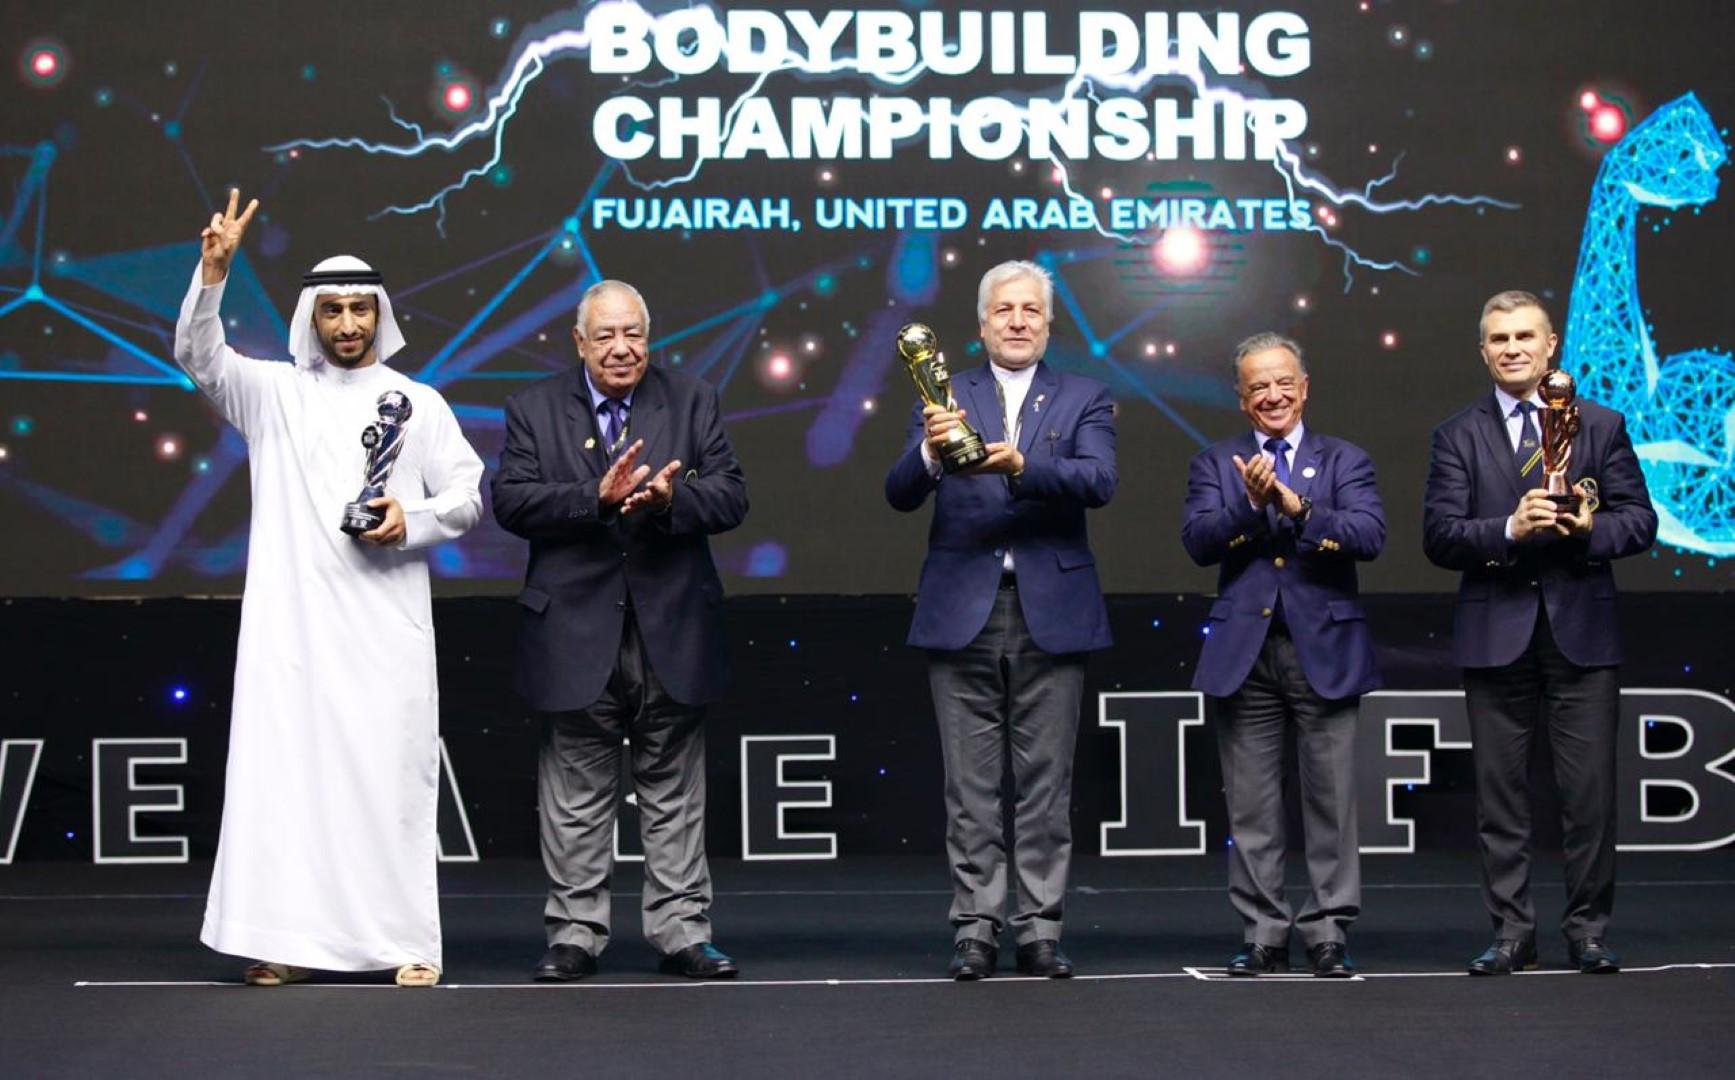 اختتام منافسات بطولة العالم لبناء الأجسام والفيزيك 2019 في الفجيرة